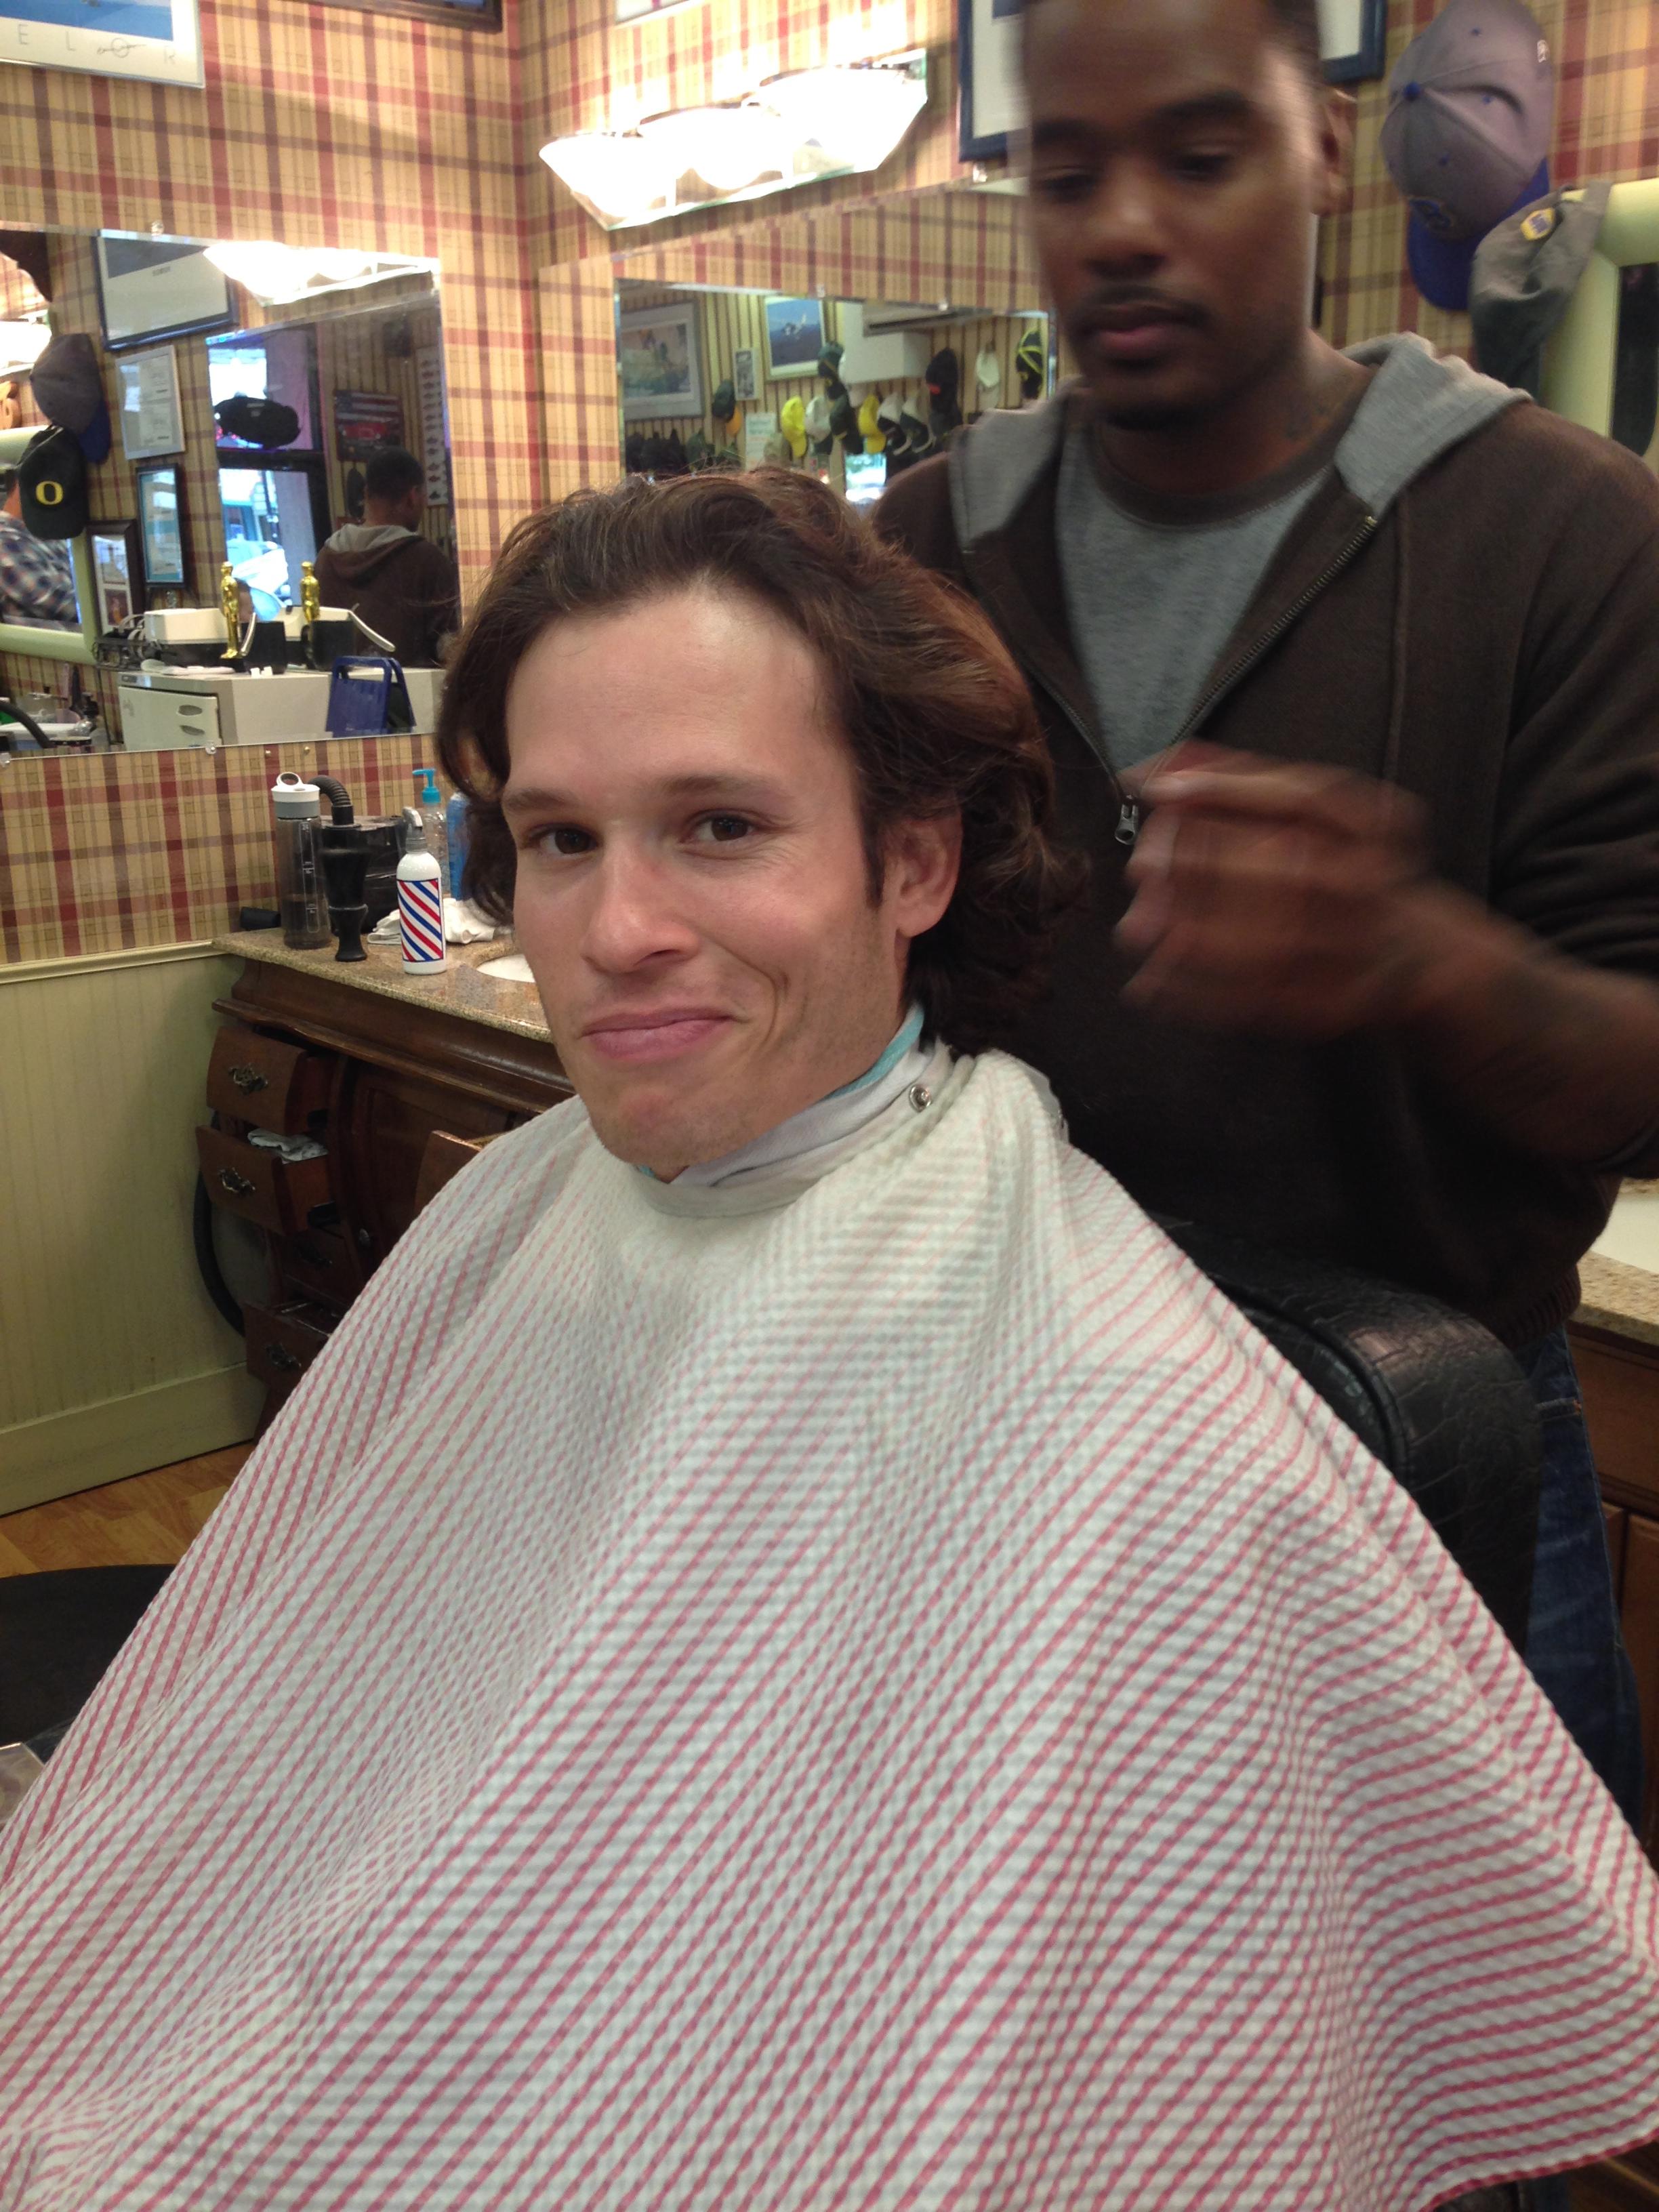 Brent-haircut_heatherbyhand.JPG